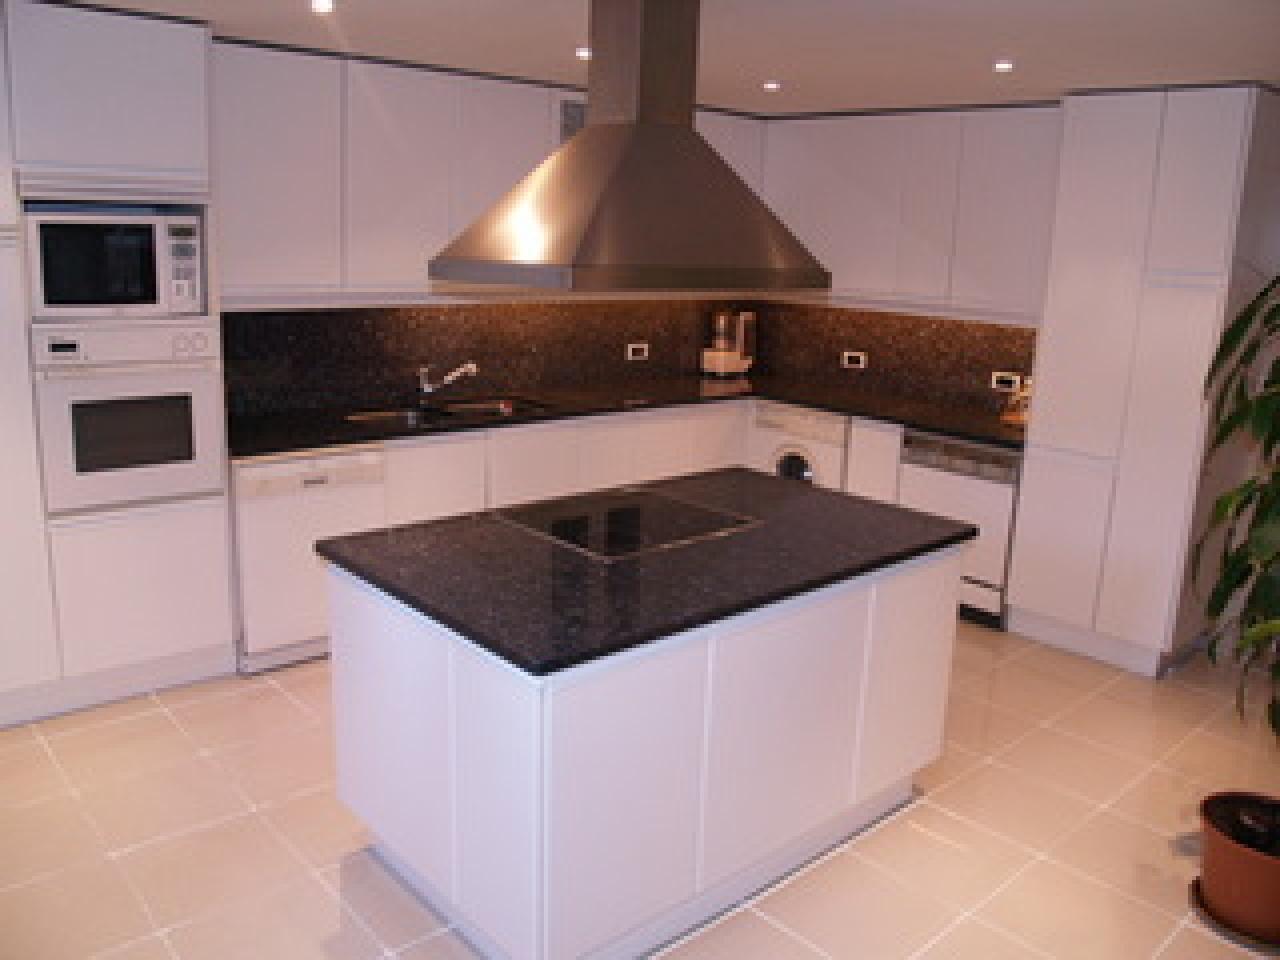 Construcciones rodriguez - Precios de azulejos para cocina ...